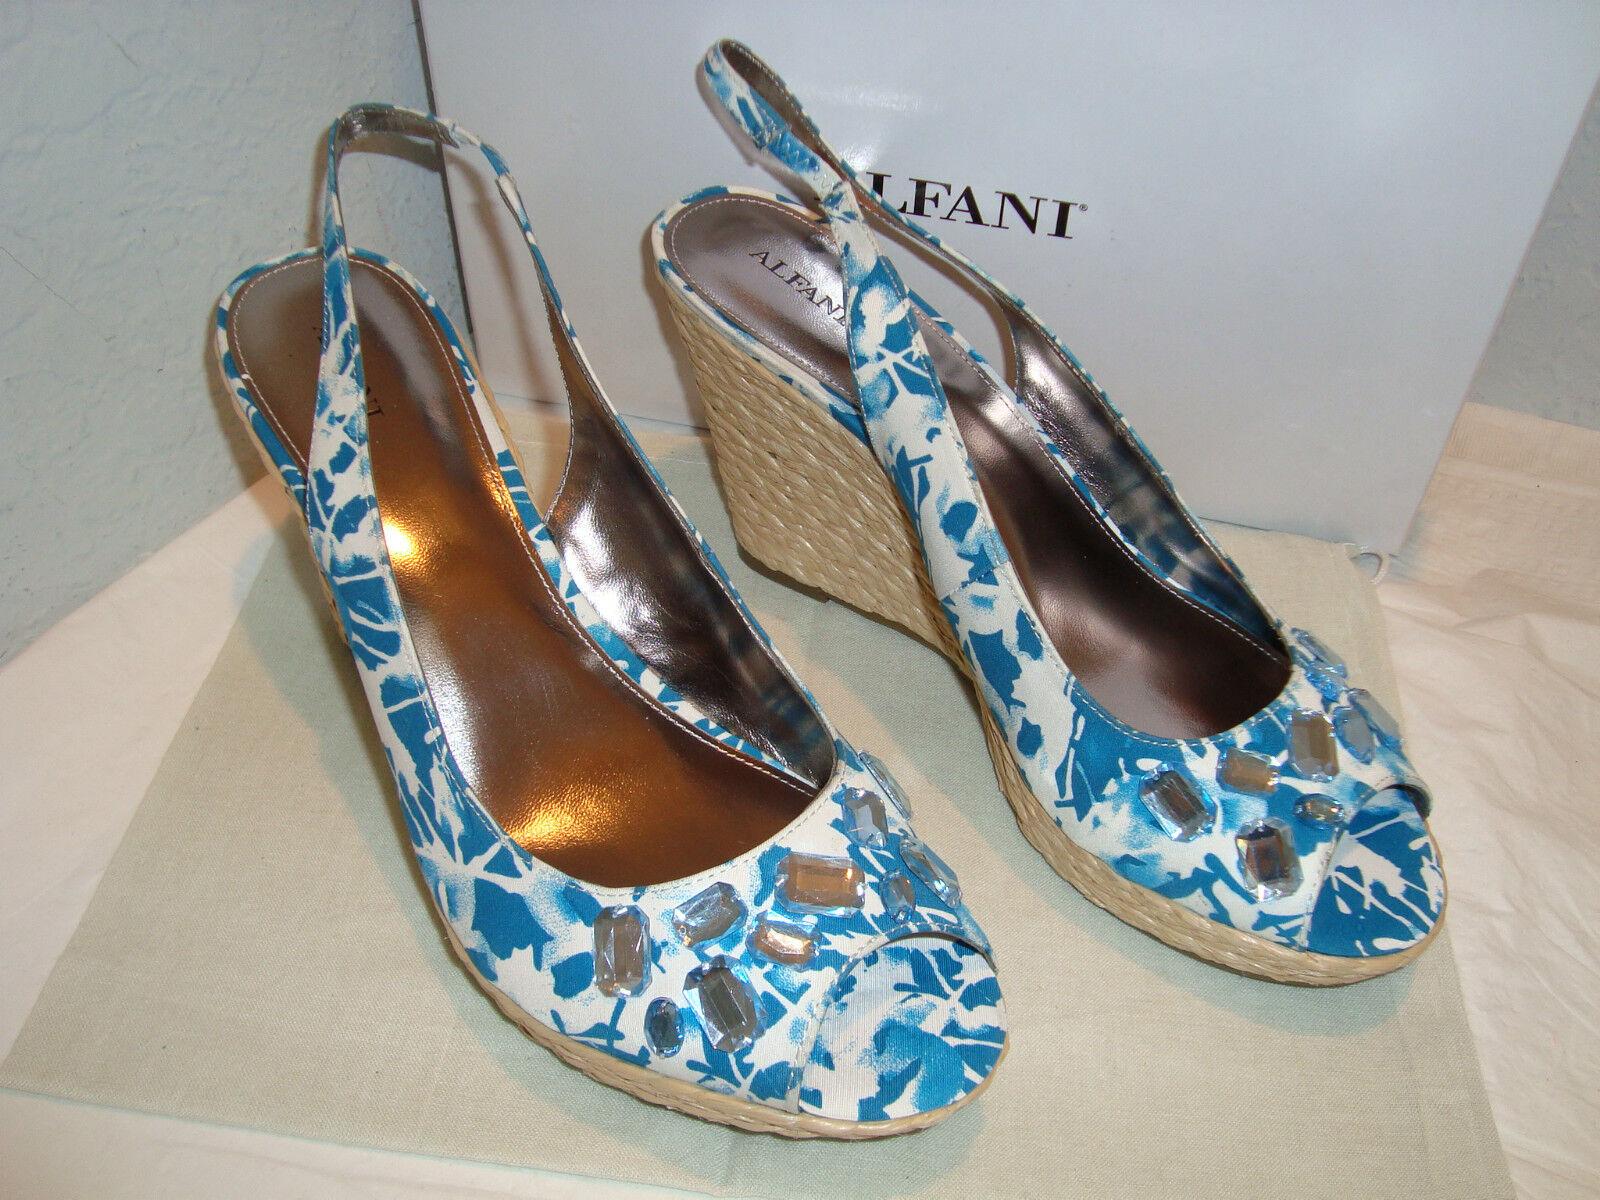 NEU Alfani Oasis Blau Damenschuhe Wedge Sandales 11 Medium